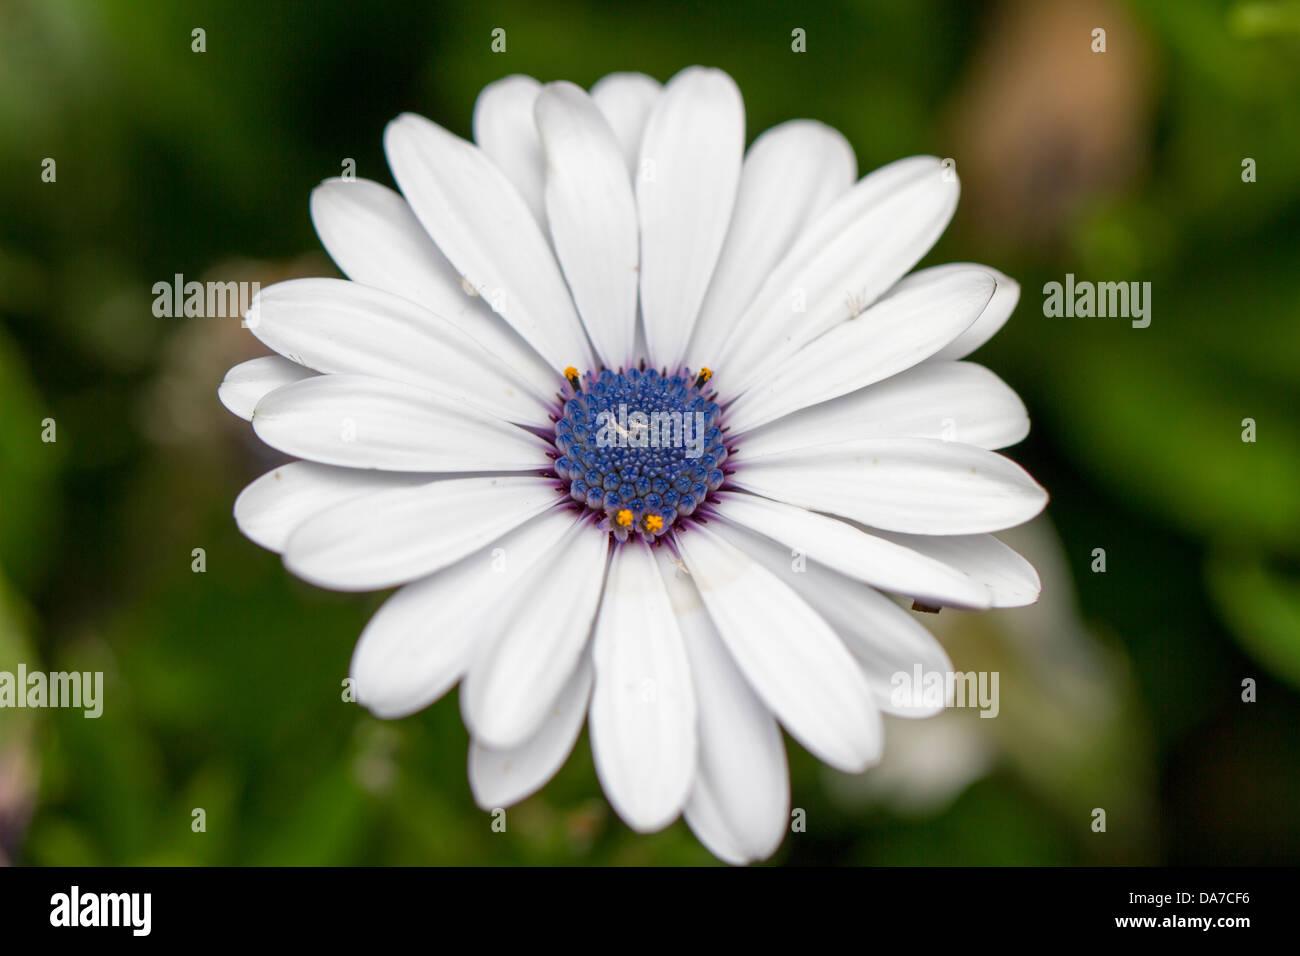 Daisy blanco y morado Imagen De Stock